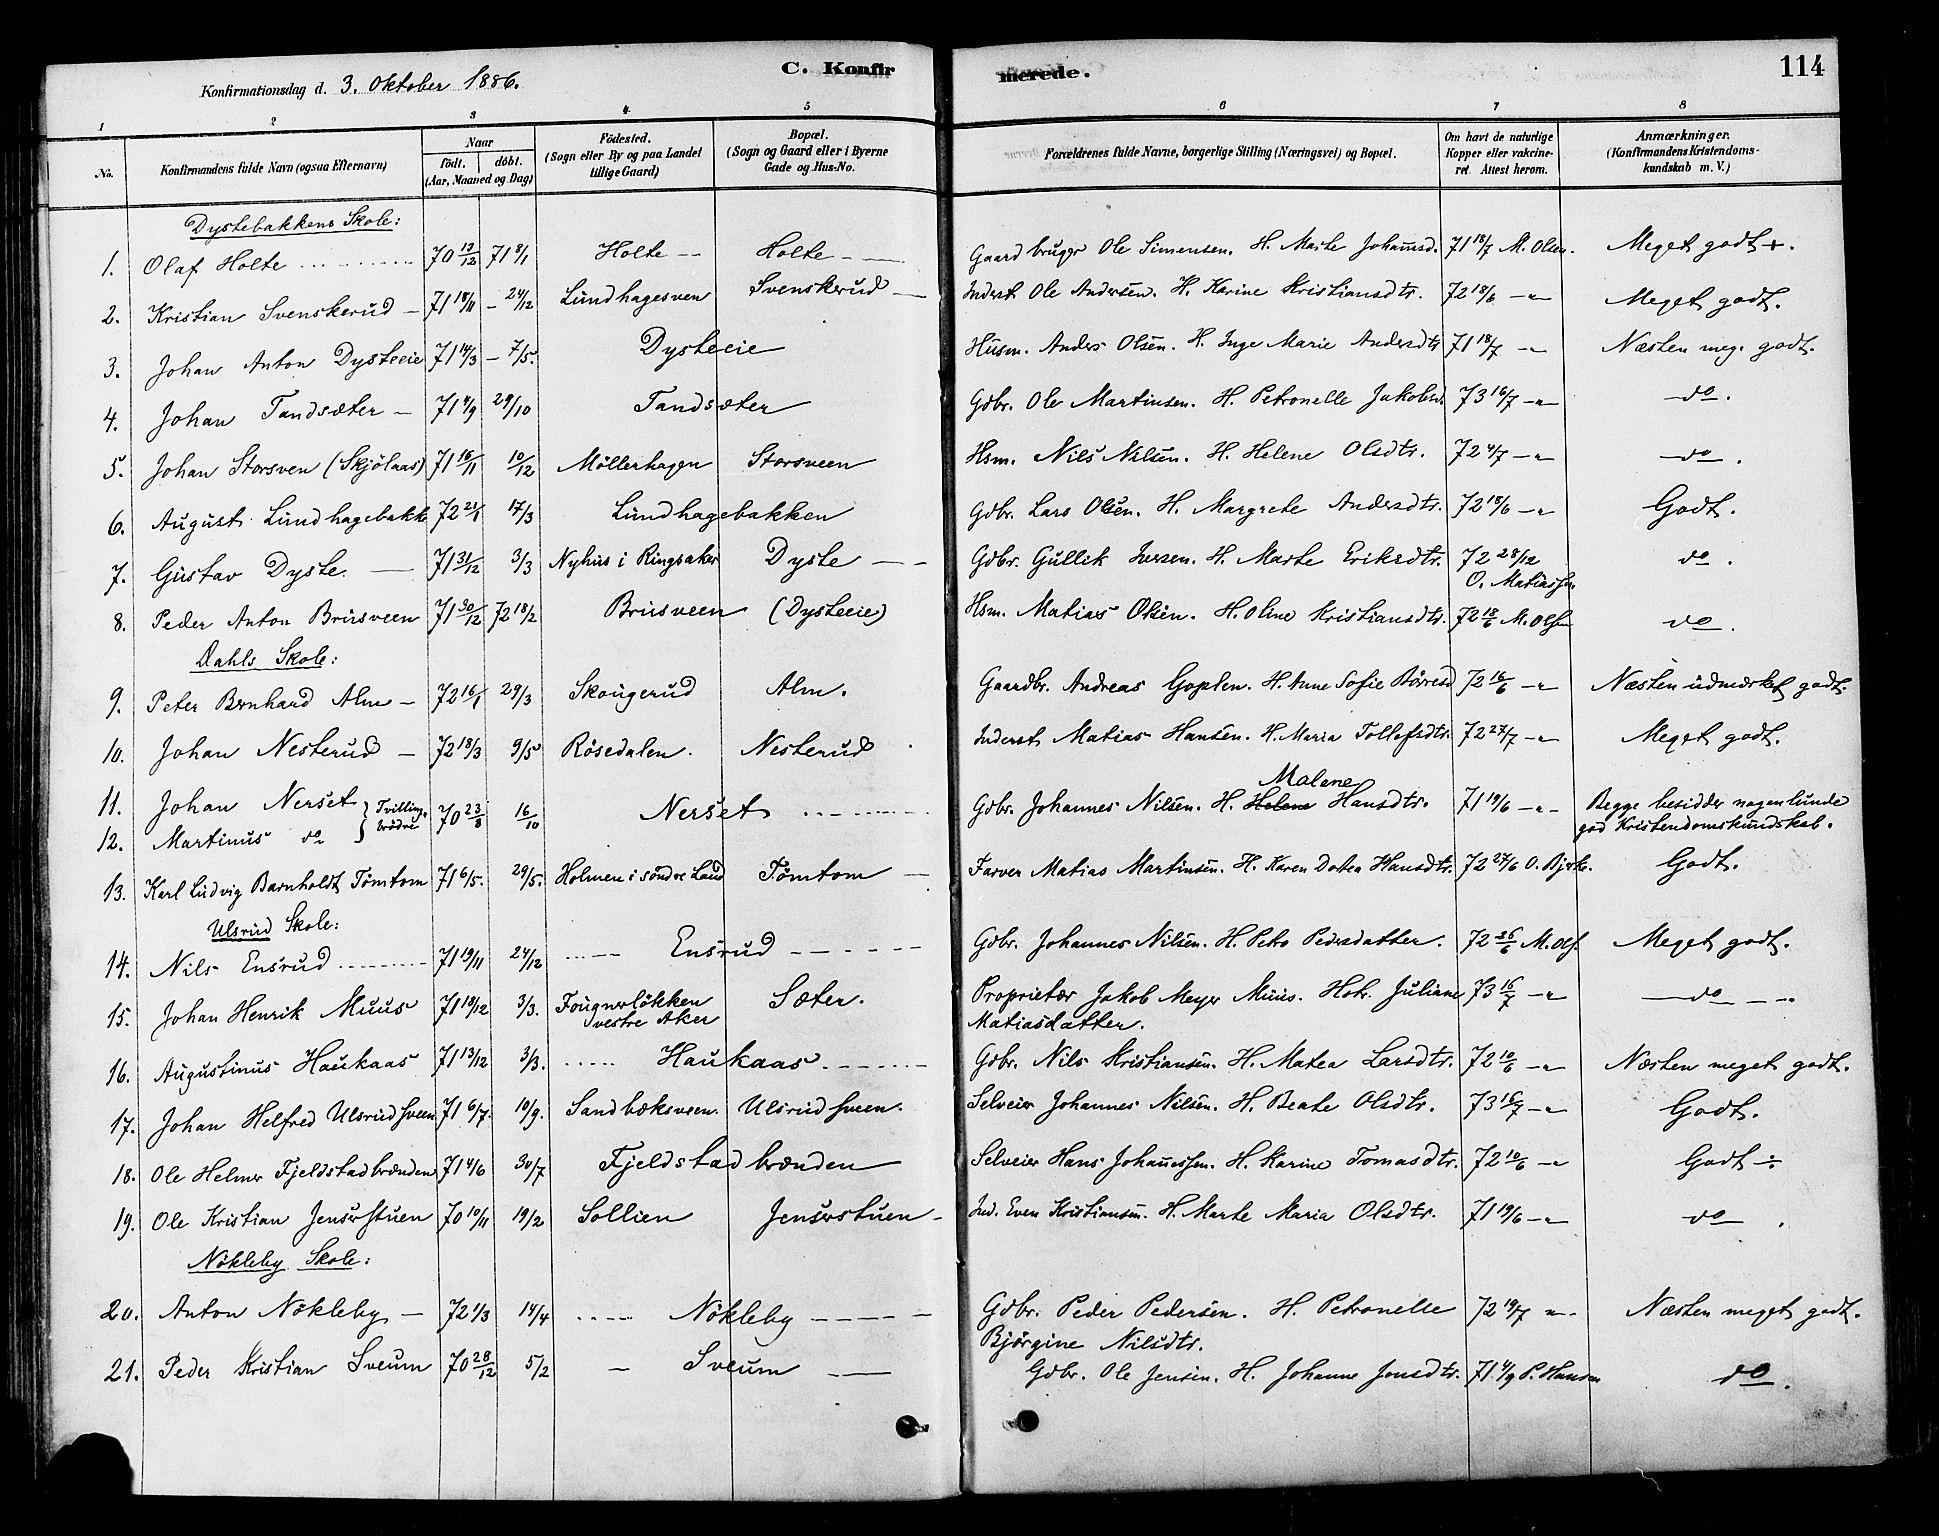 SAH, Vestre Toten prestekontor, Ministerialbok nr. 10, 1878-1894, s. 114